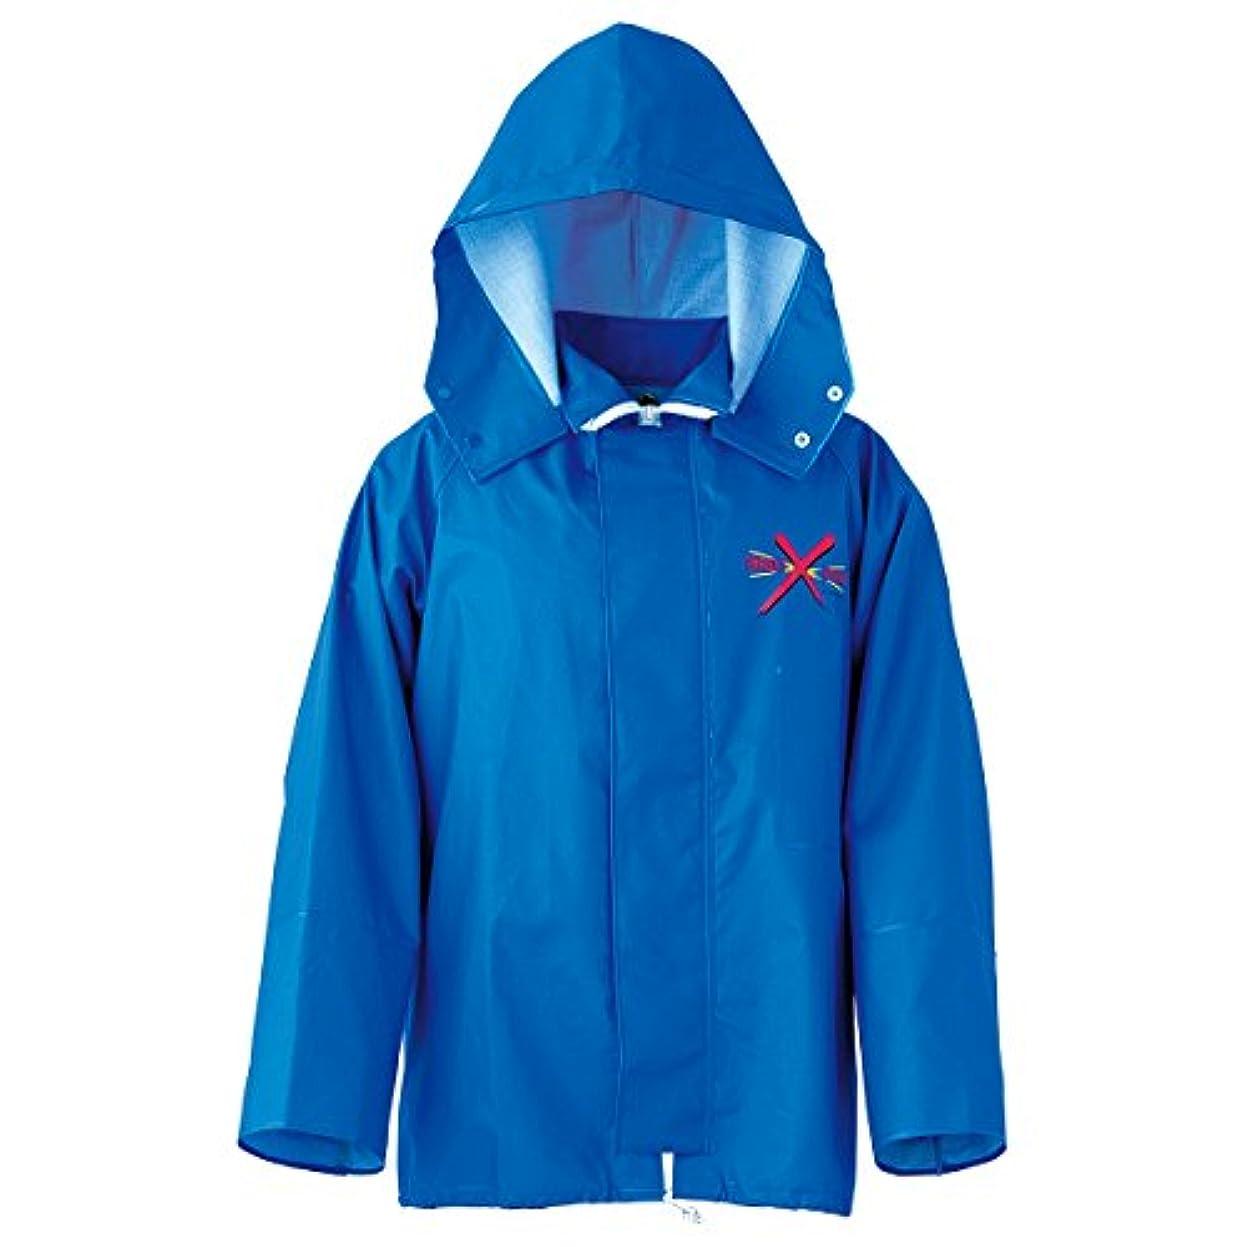 議題フリッパーポーチターゲットポイント(TARGET POINT) 産業用レインウェア ジャケット 12070152 ブルー L